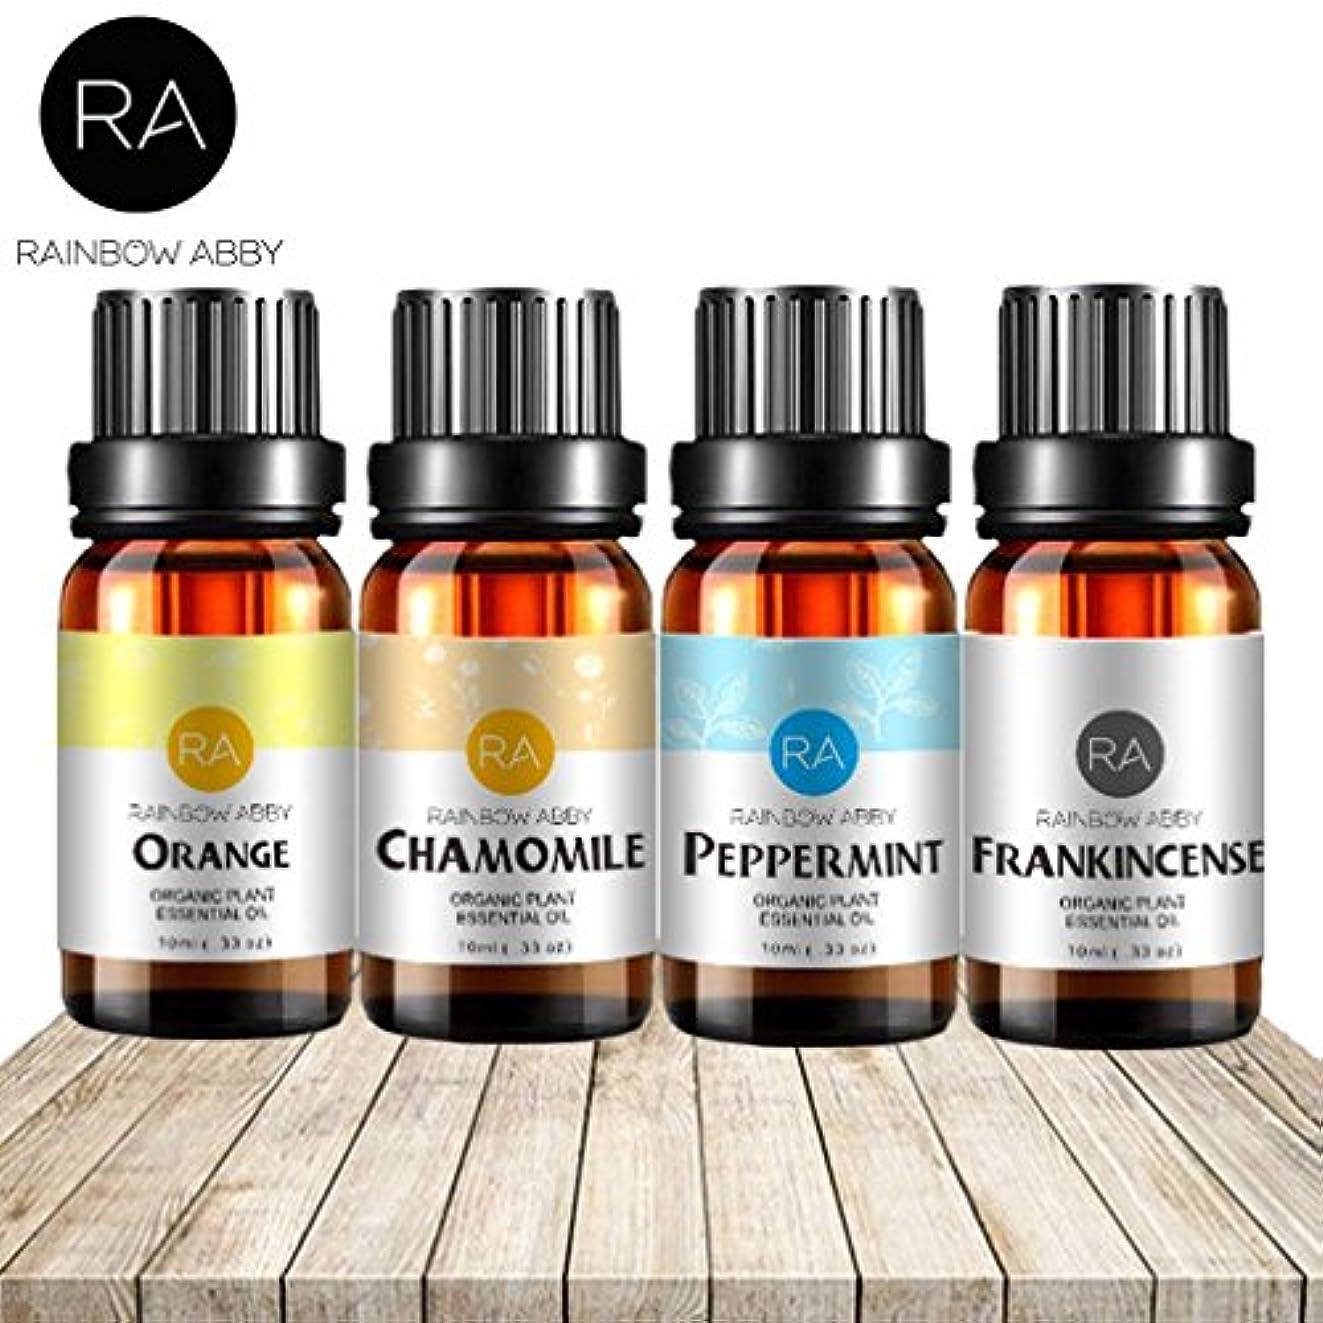 広告主何もない食物RAINBOW ABBY 最高 治療用 グレード エッセンシャル オイル 4パック バラエティ カモミール、ペパーミント、フランキンセンス、スウィートオレンジ